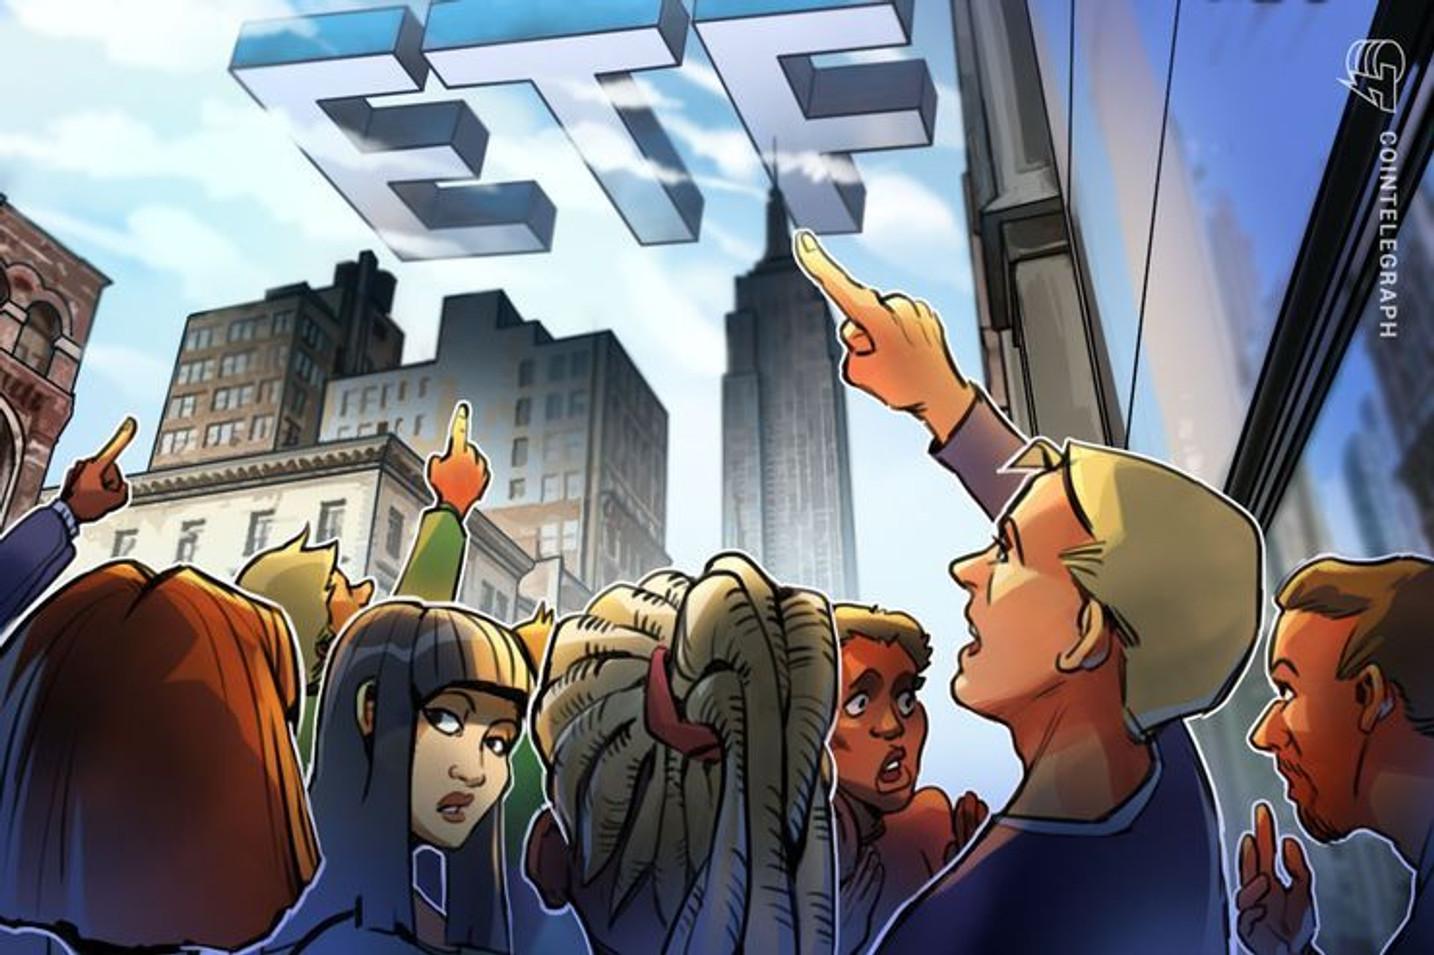 「ビットコインETF延期のニュースに過剰反応しすぎ」=仮想通貨ヘッジファンド・マネジャー